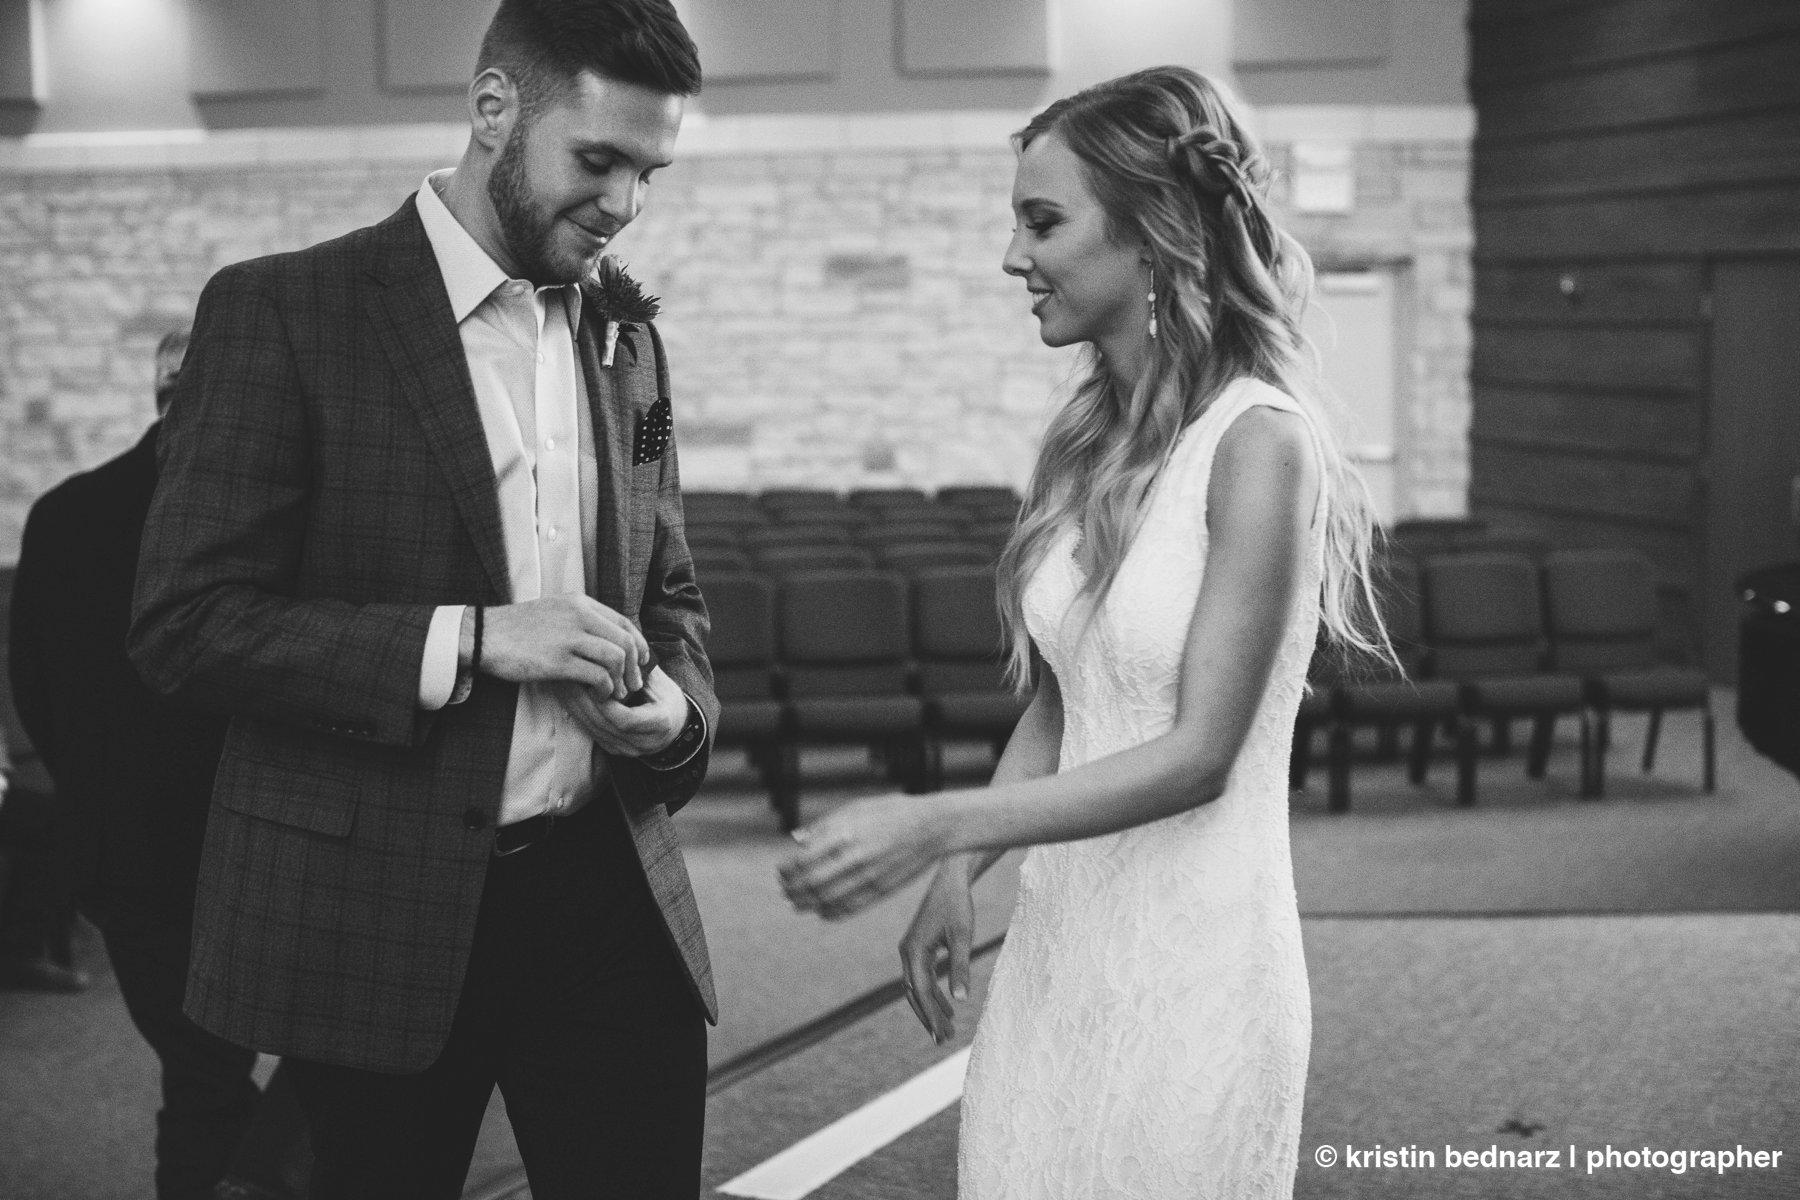 kristin_bednarz_wedding_photographer_20190214_00028sneak_peek.JPG